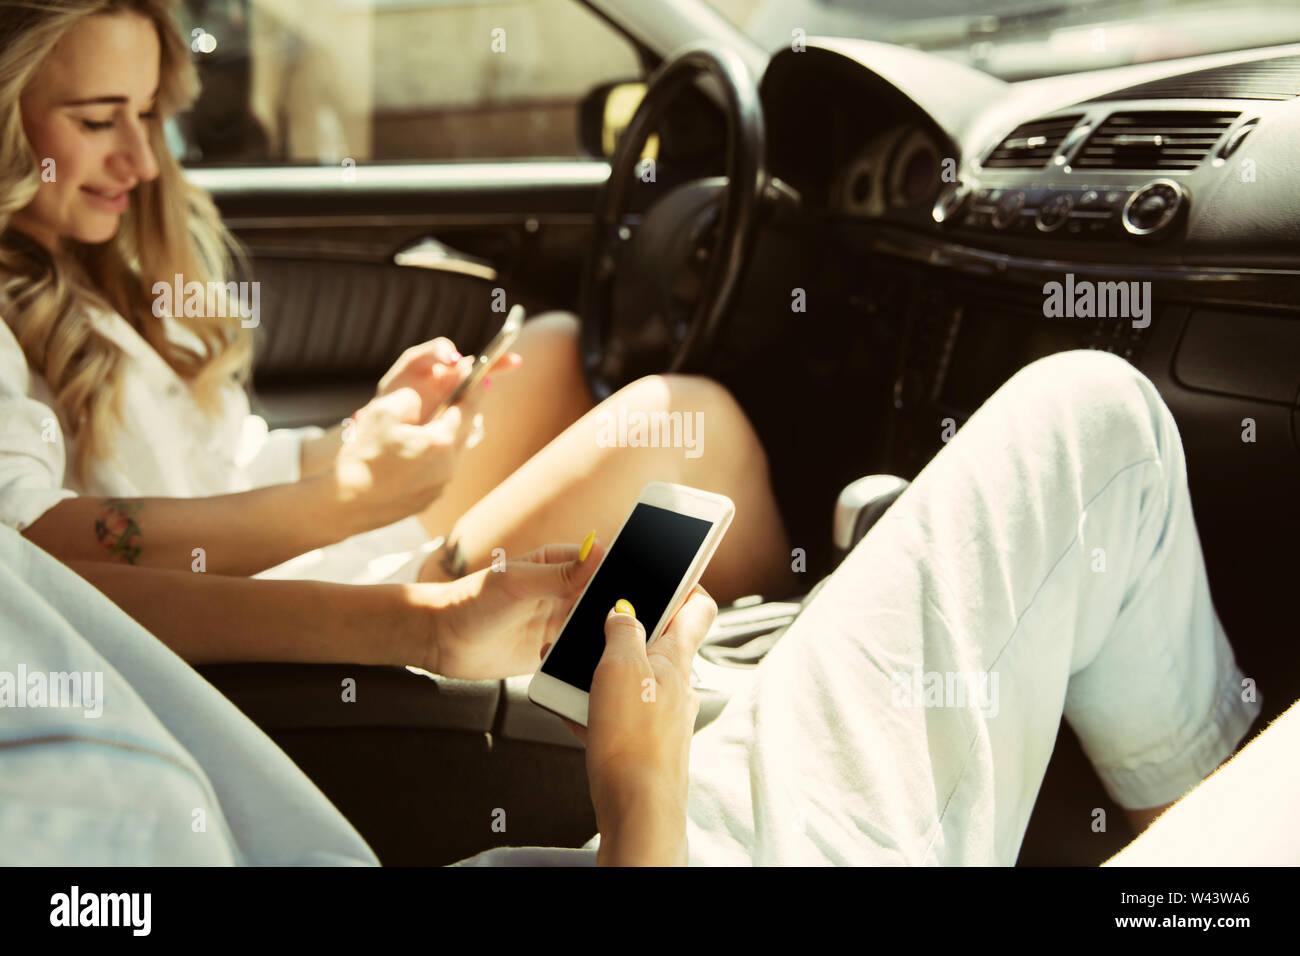 La pareja de jóvenes lesbianas se preparan para sus vacaciones en el coche en día soleado. Las mujeres sentado y listo para ir a la mar, el río o el océano. Concepto de relación, amor, verano, fin de semana, luna de miel. Foto de stock